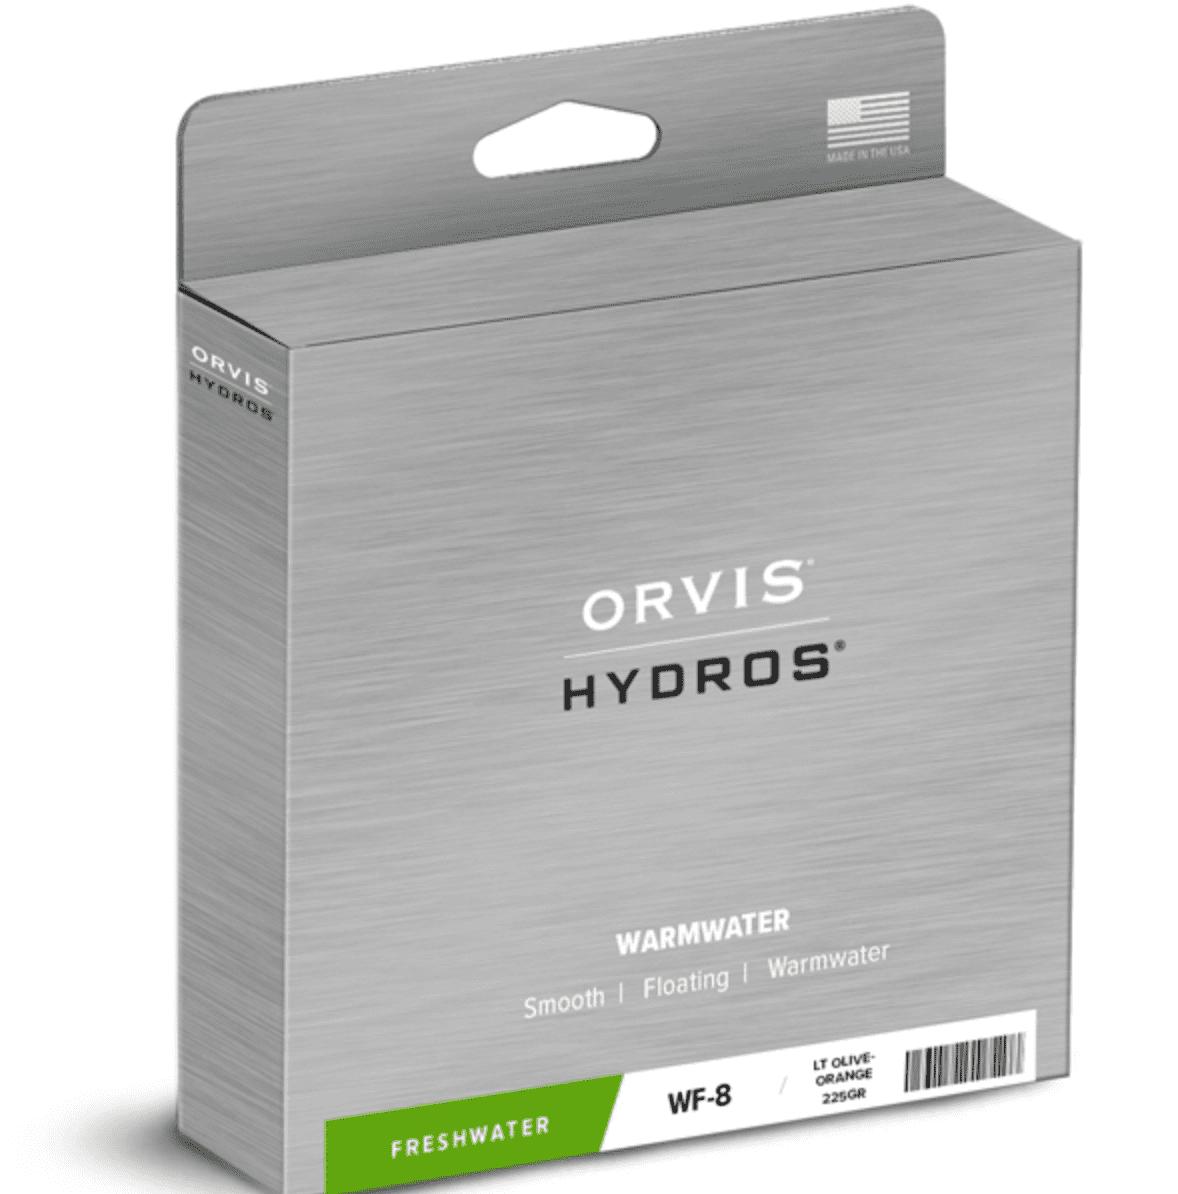 Orvis Hydro